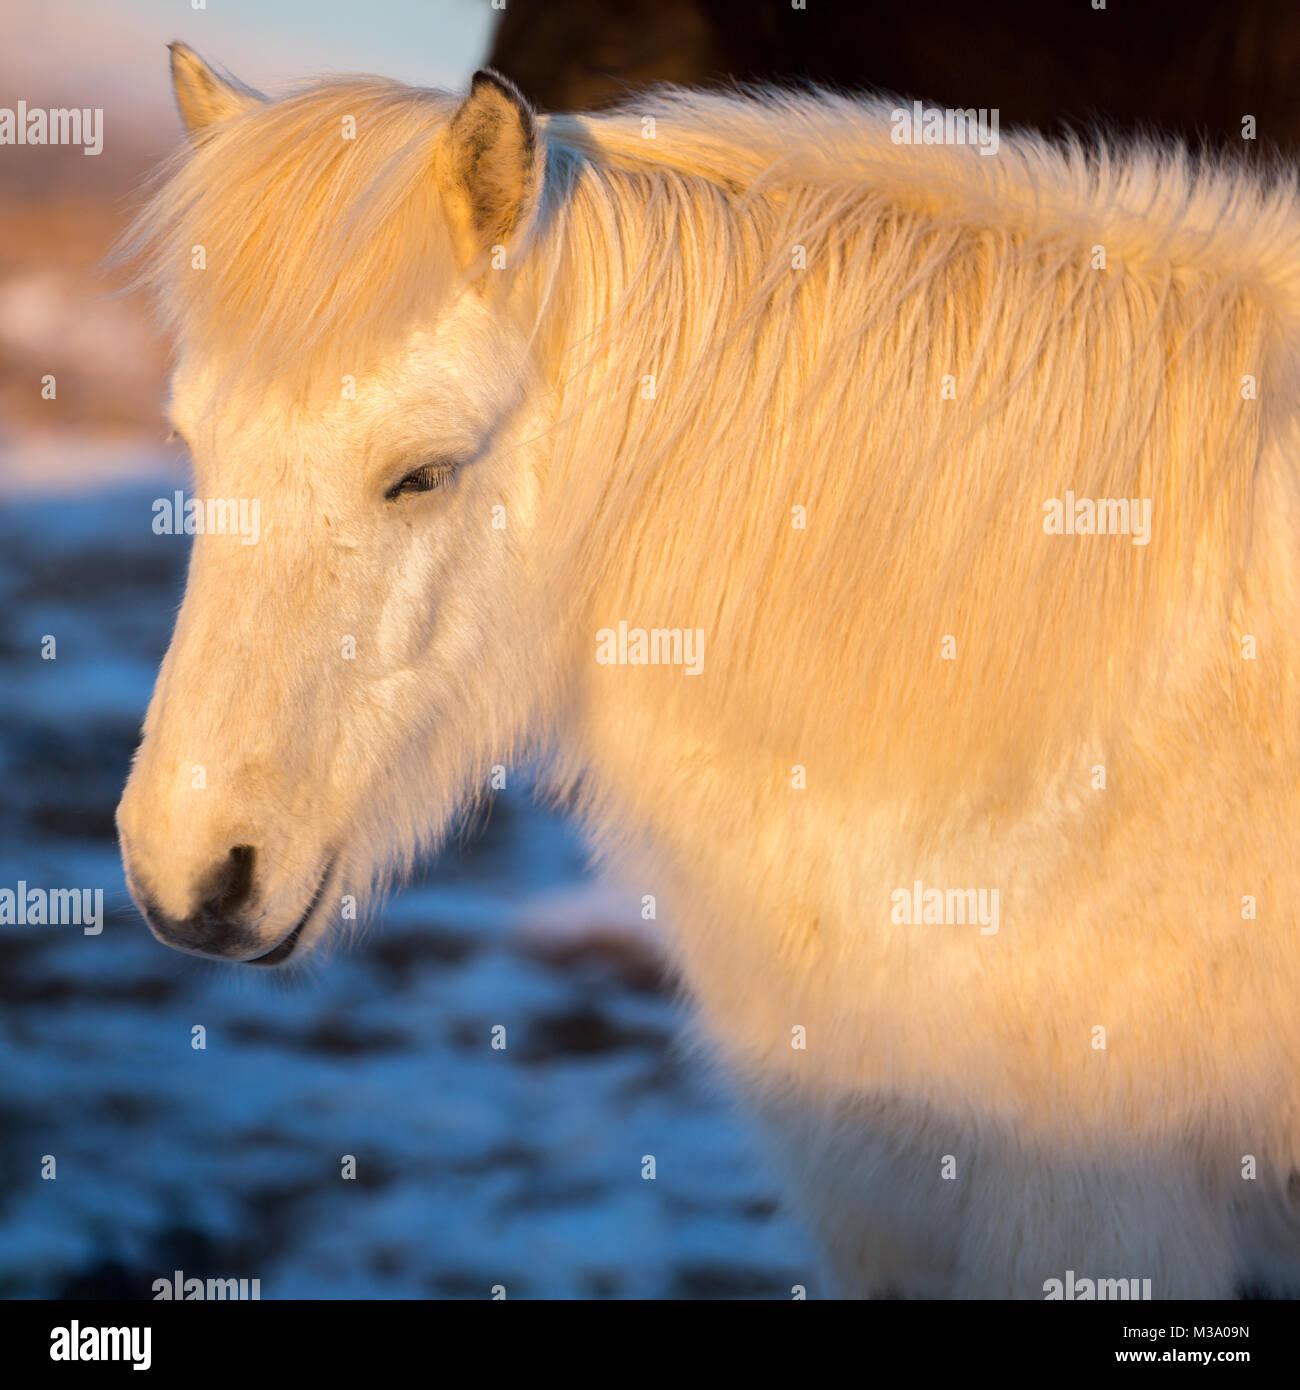 Portrait of beautiful white icelandic horse under natural sunrise light. - Stock Image